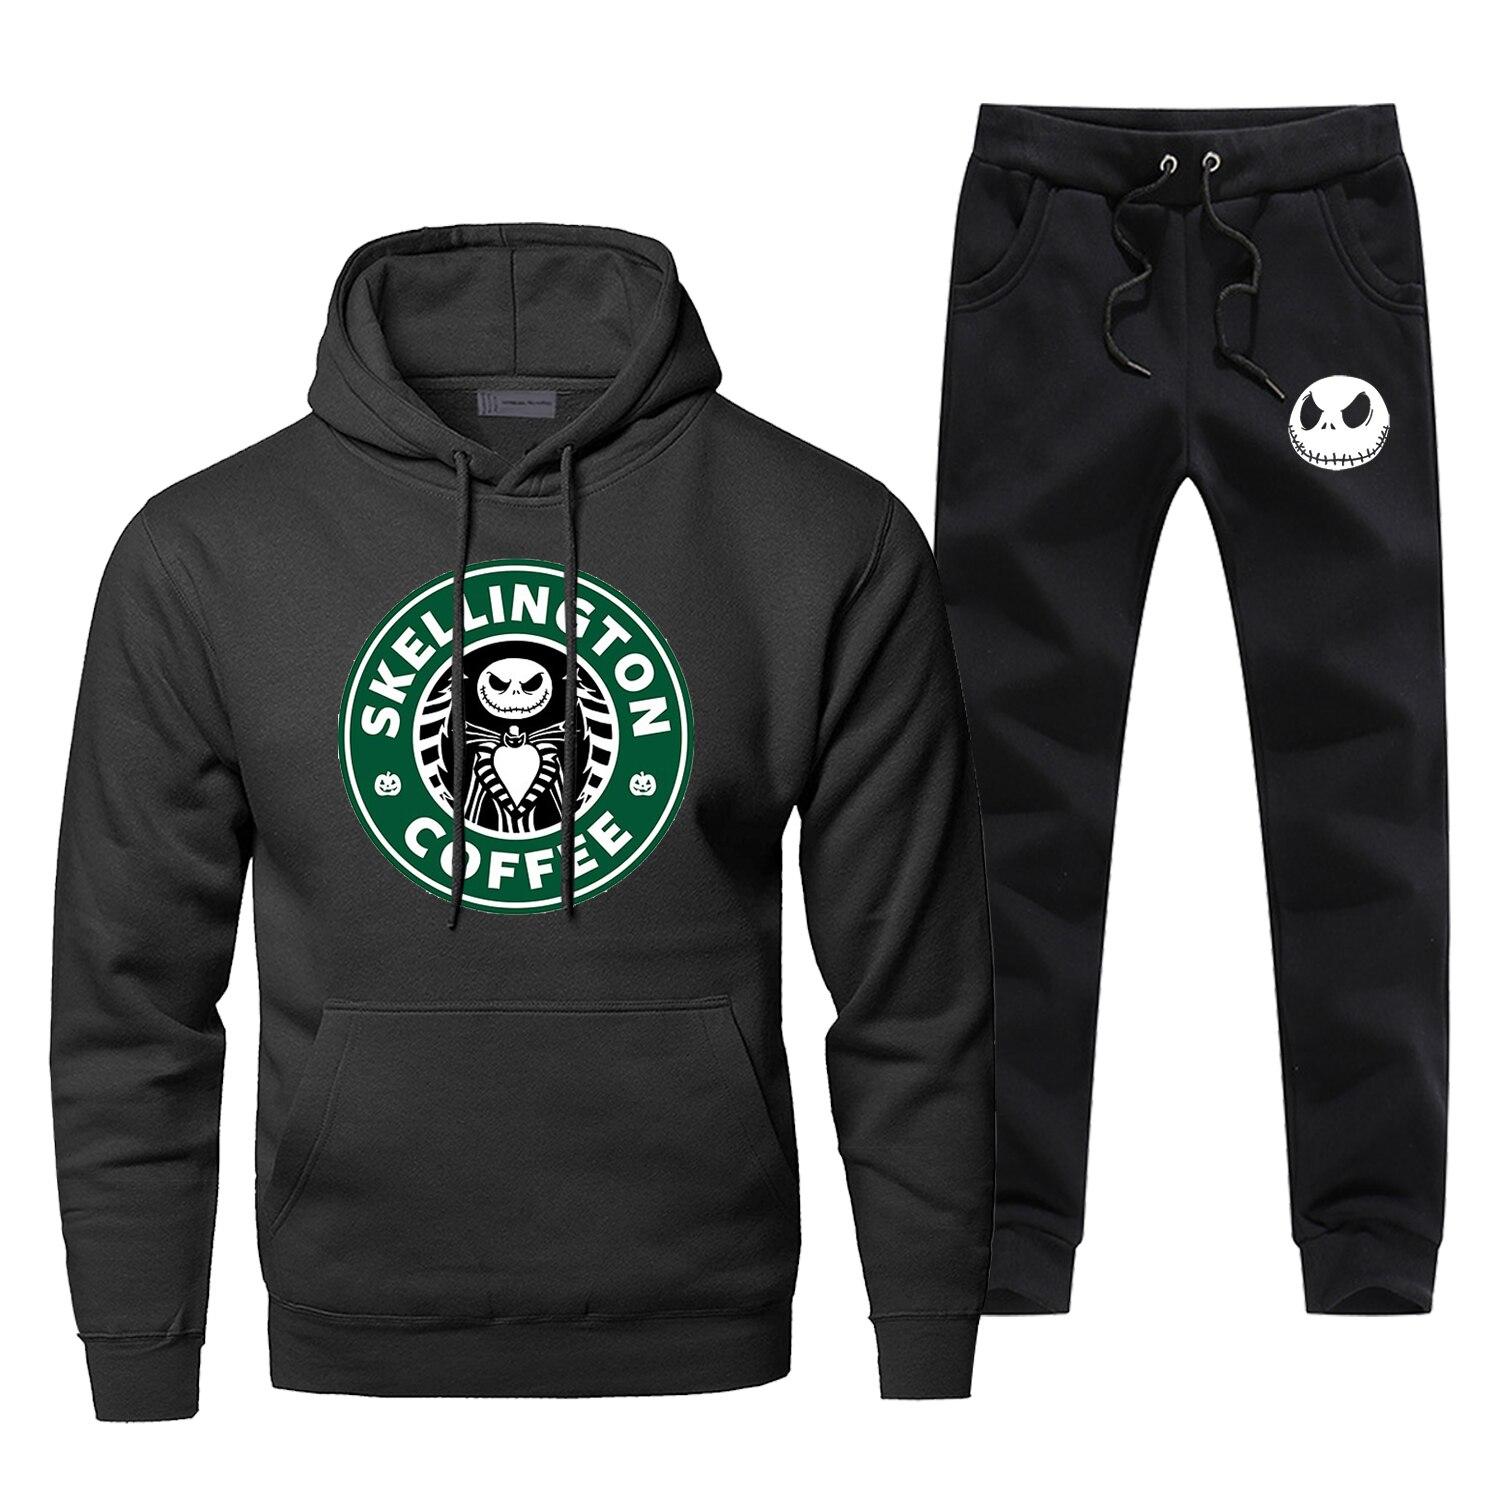 Skellington Jack Coffee Sportsman Wear Casaul The Nightmare Brand Man Tracksuit Fleece Sweatpants Fashion Fitness Men's Jogging